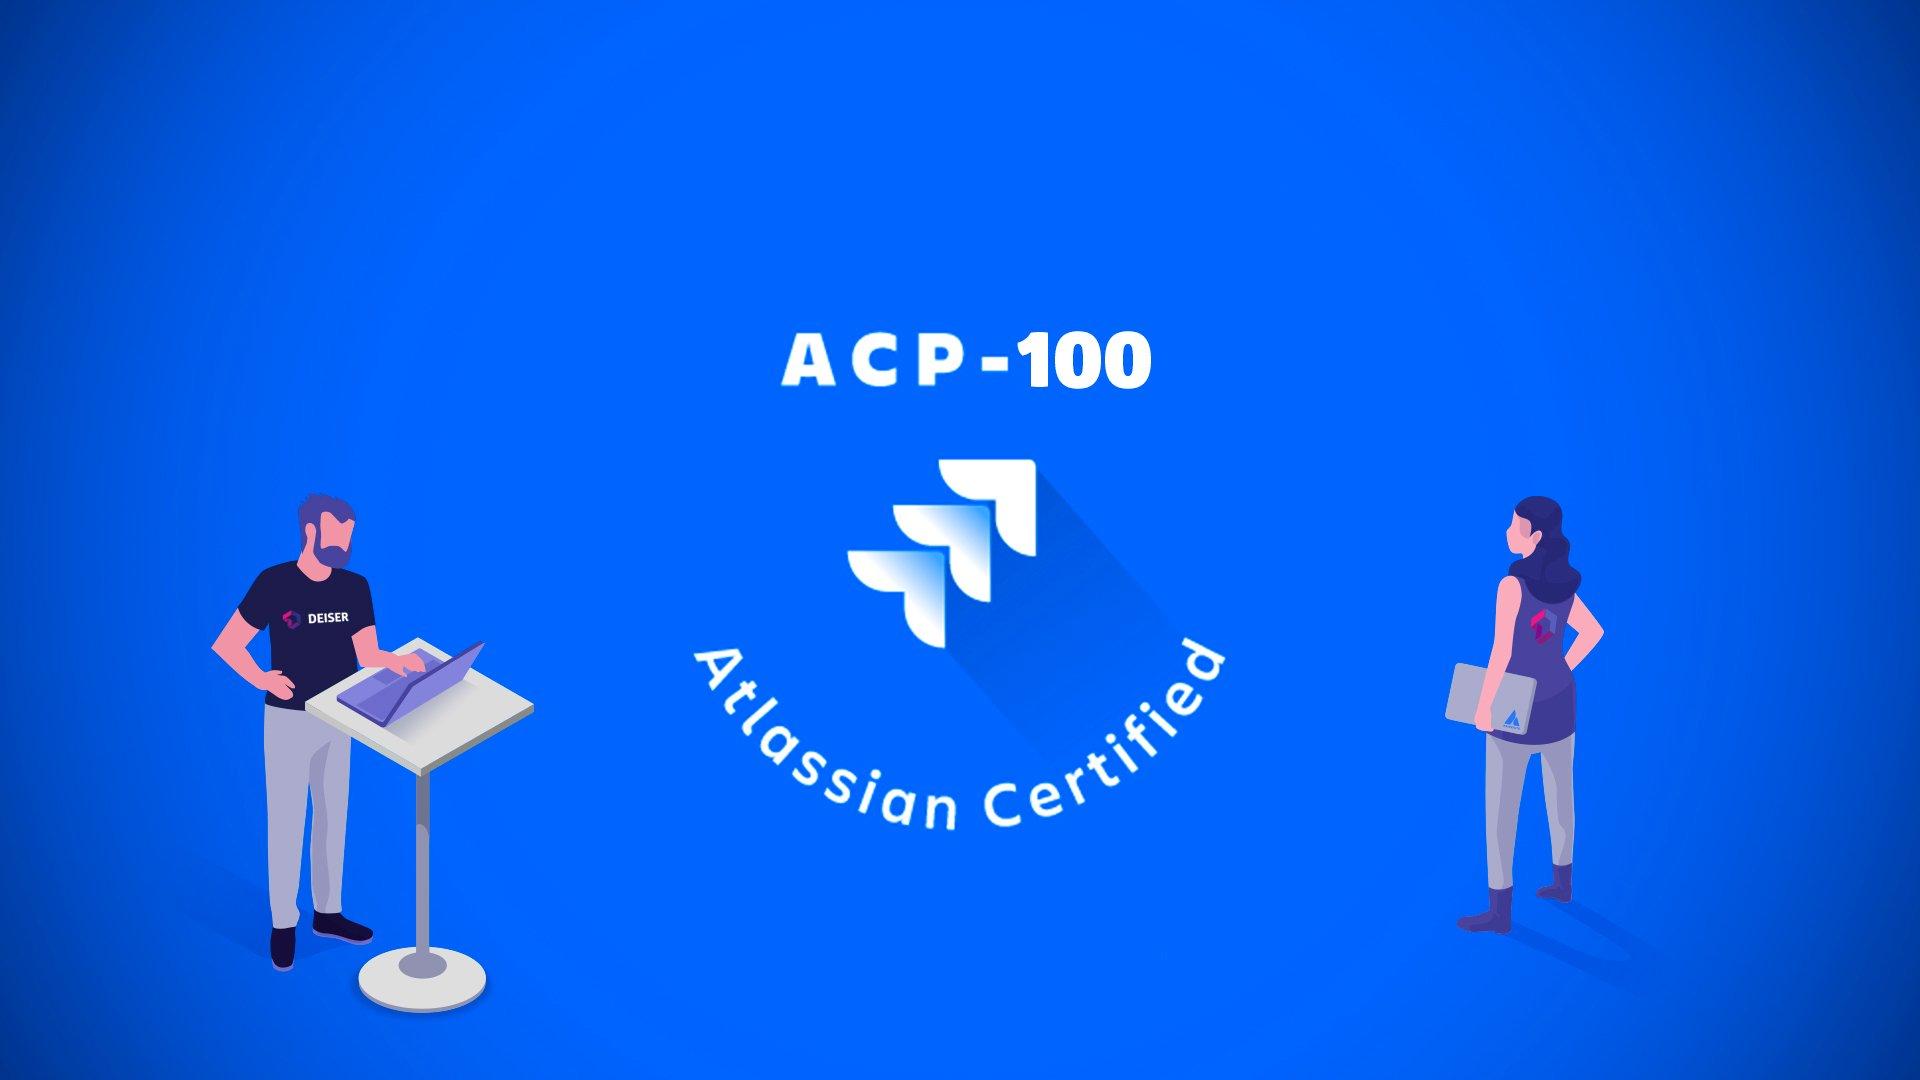 Cerificación ACP-100 Atlassian, Jira Administrator